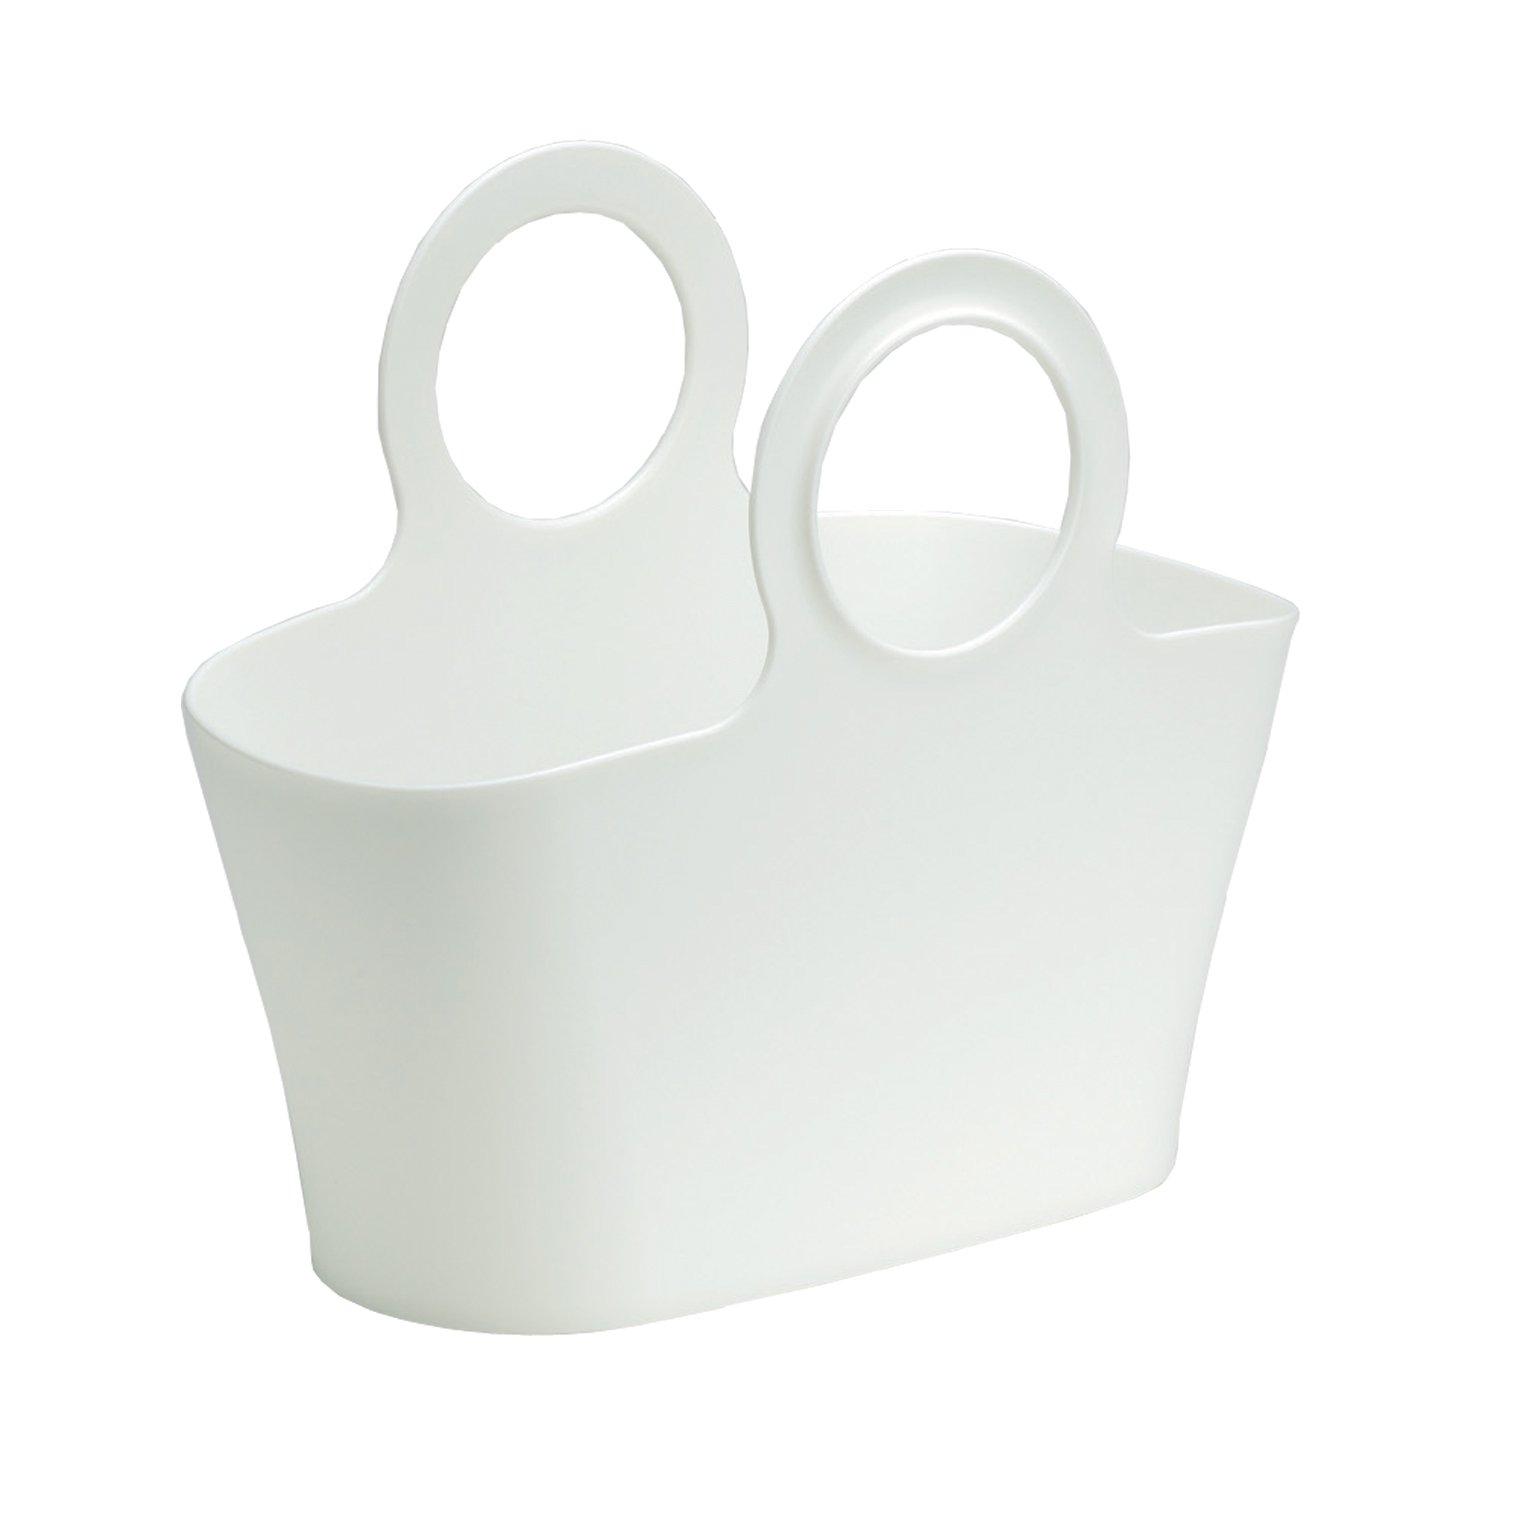 イノマタ化学 トートバッグ オーブ 4480 ホワイト(1コ入)